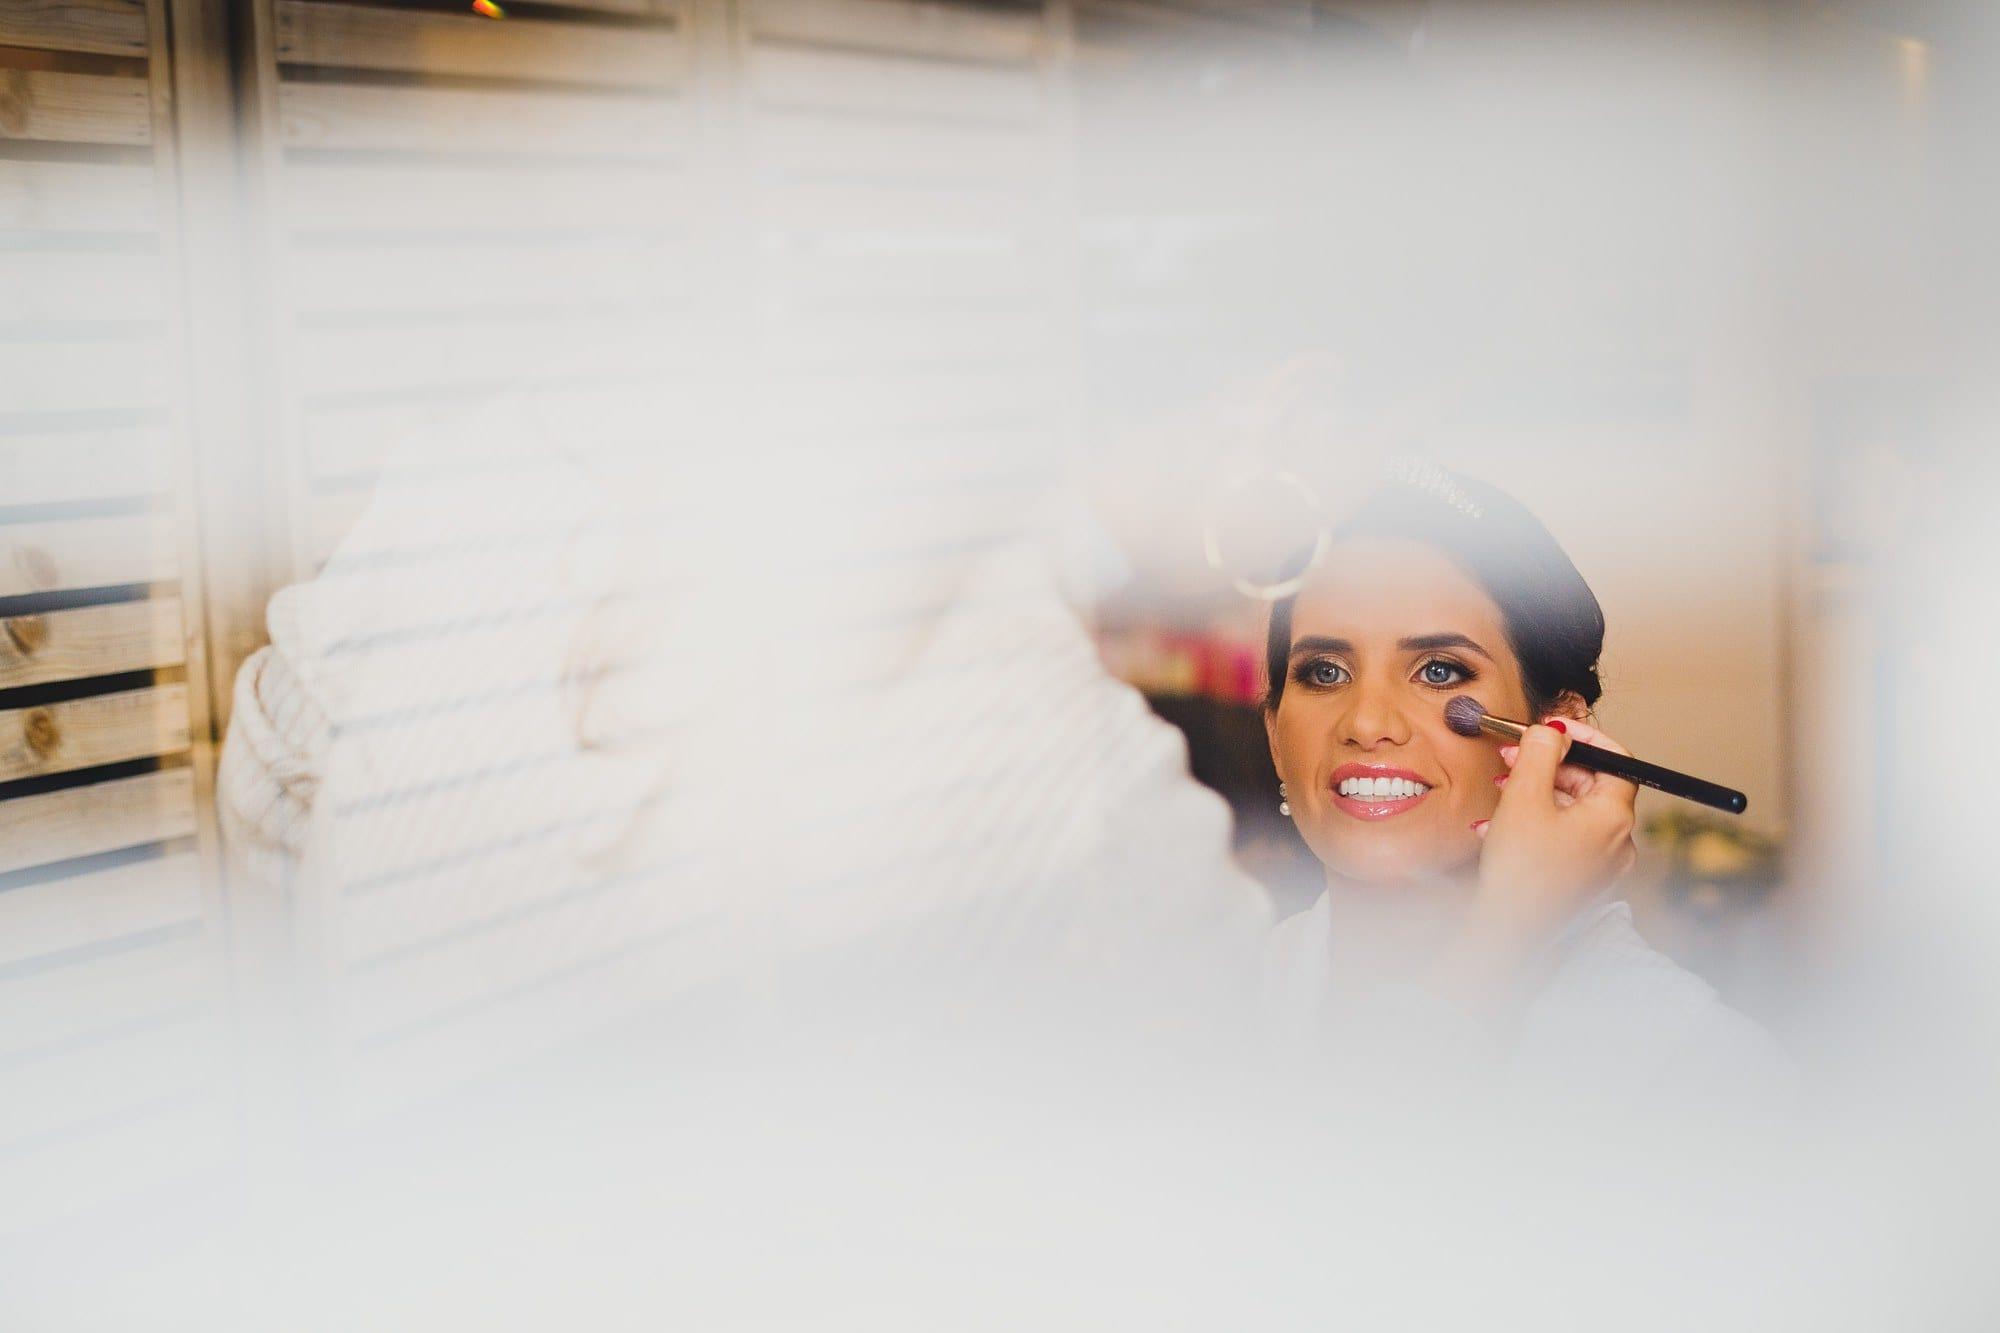 fulham palace wedding photographer ok 007 - Olivia + Kyle